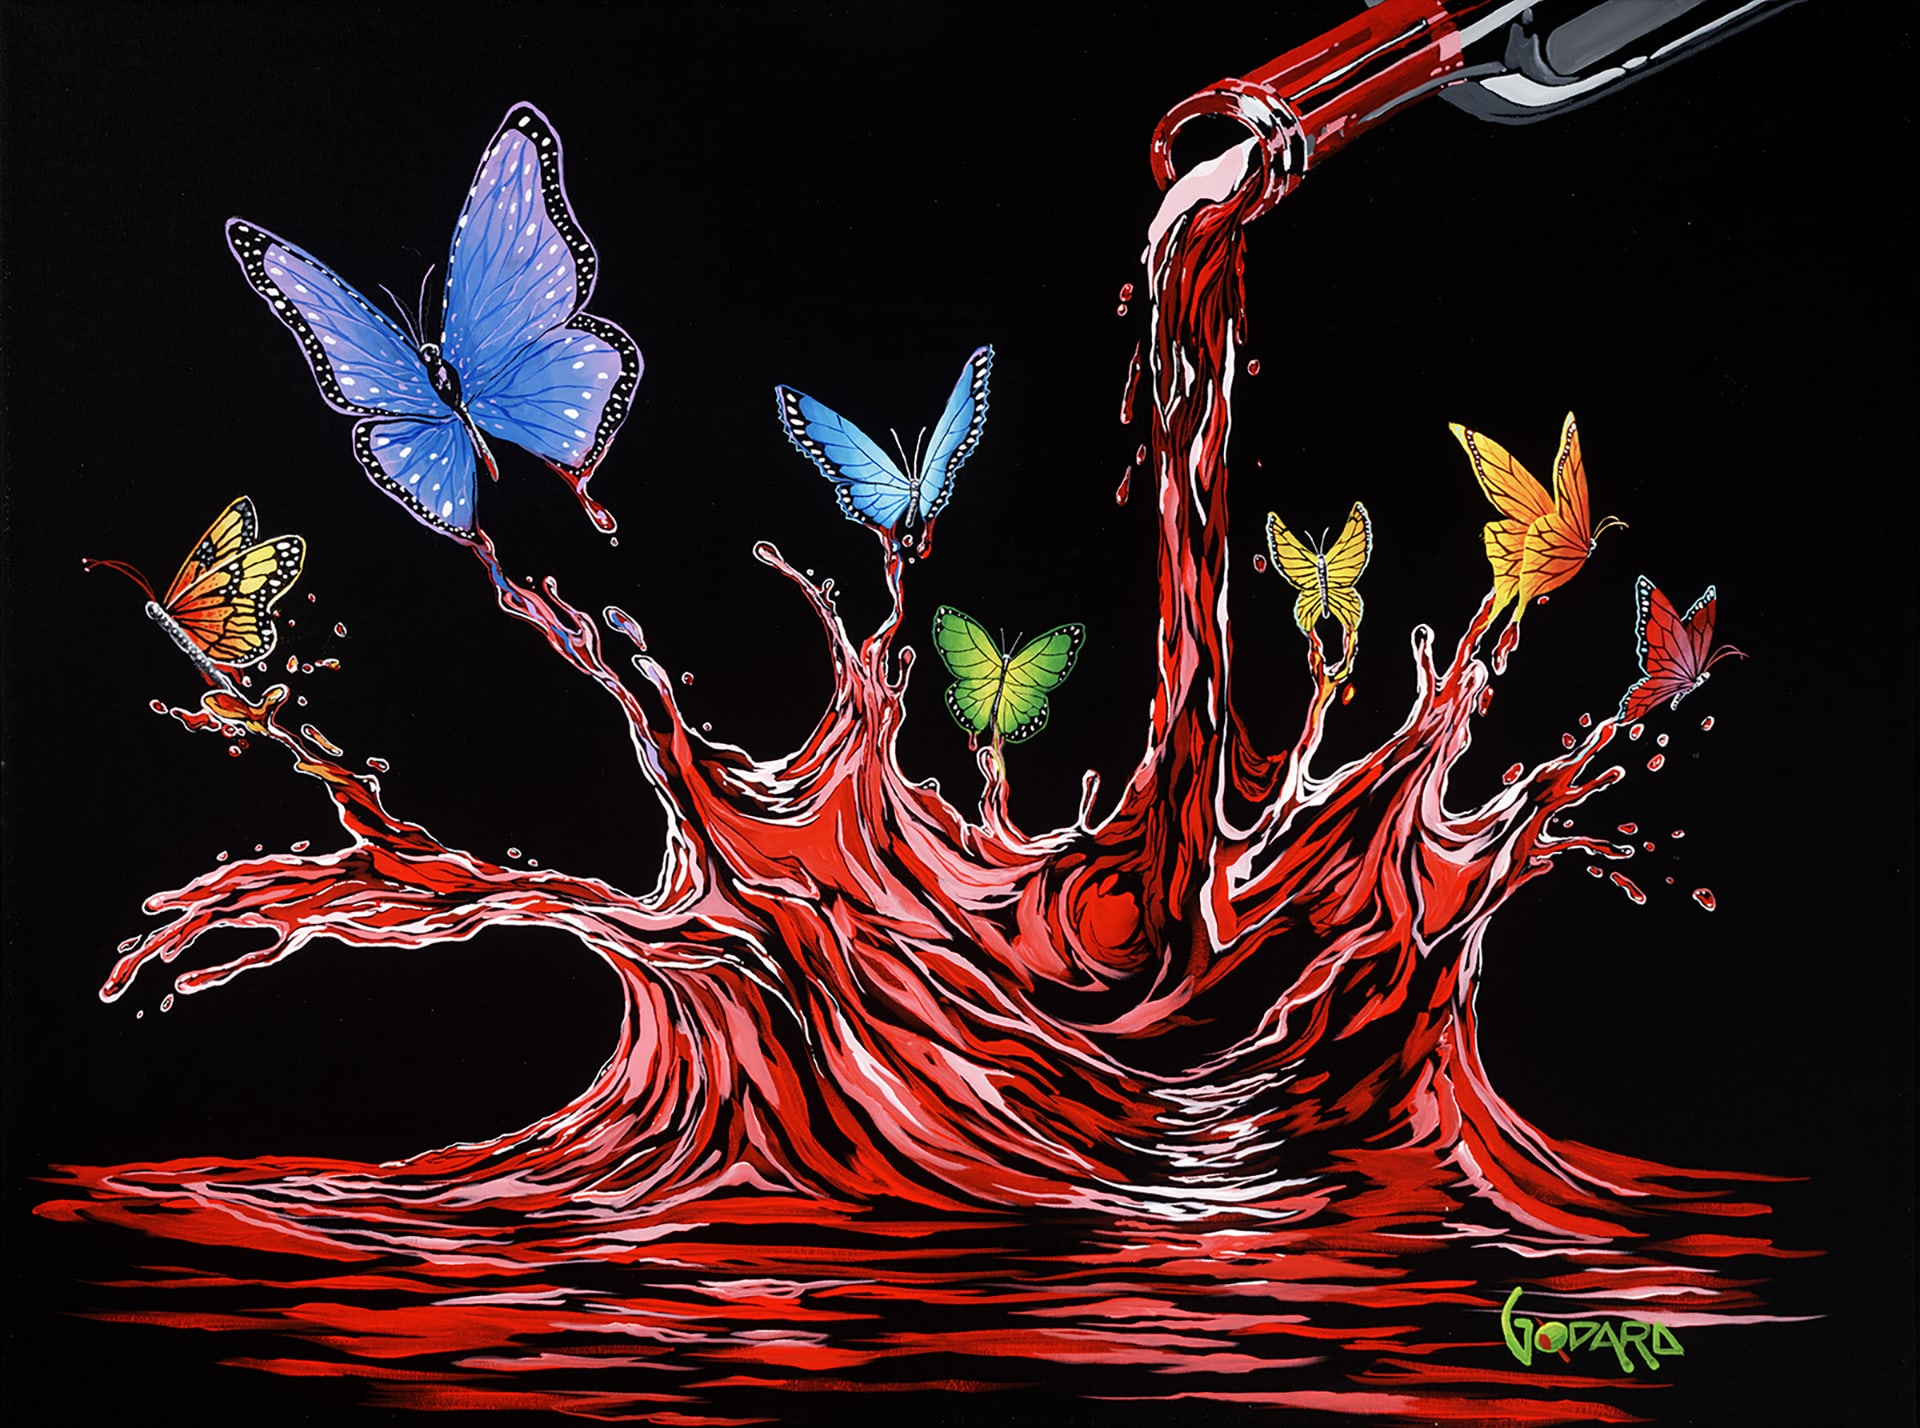 MGFAA_ButterflyDreams_